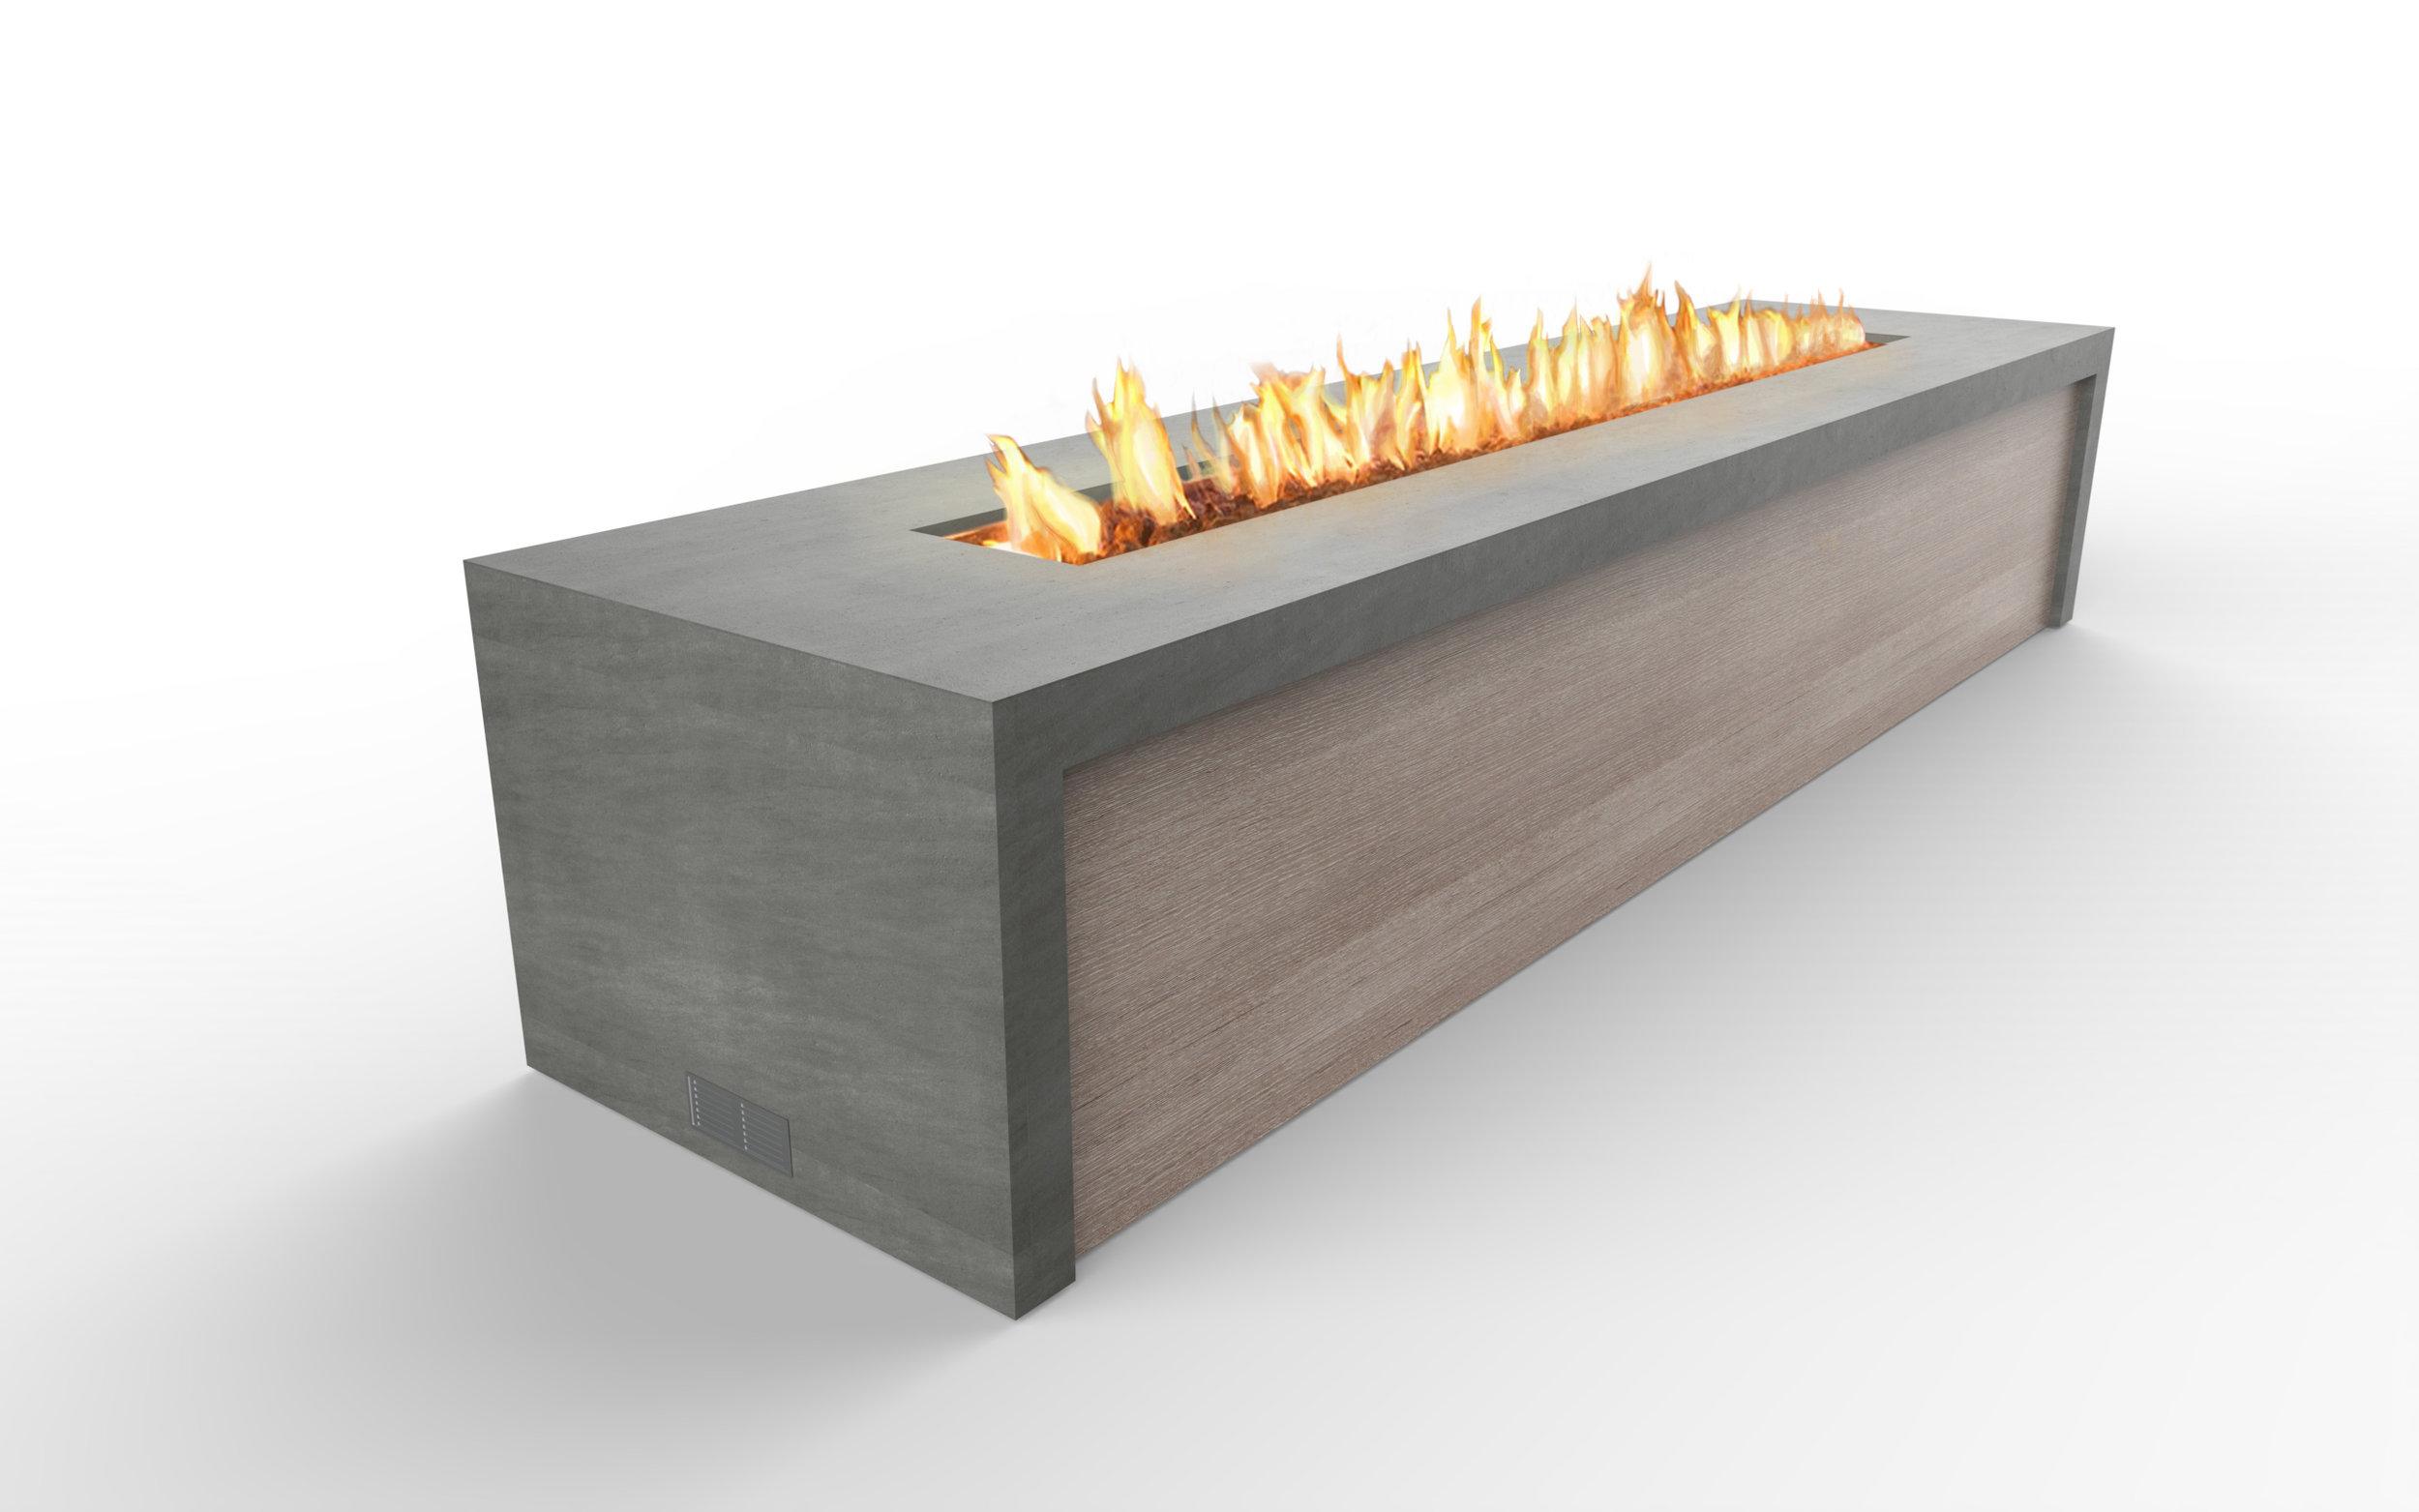 Fire feature concept narrow band - perspective  basalt grey-greyed cedar - fire.jpg